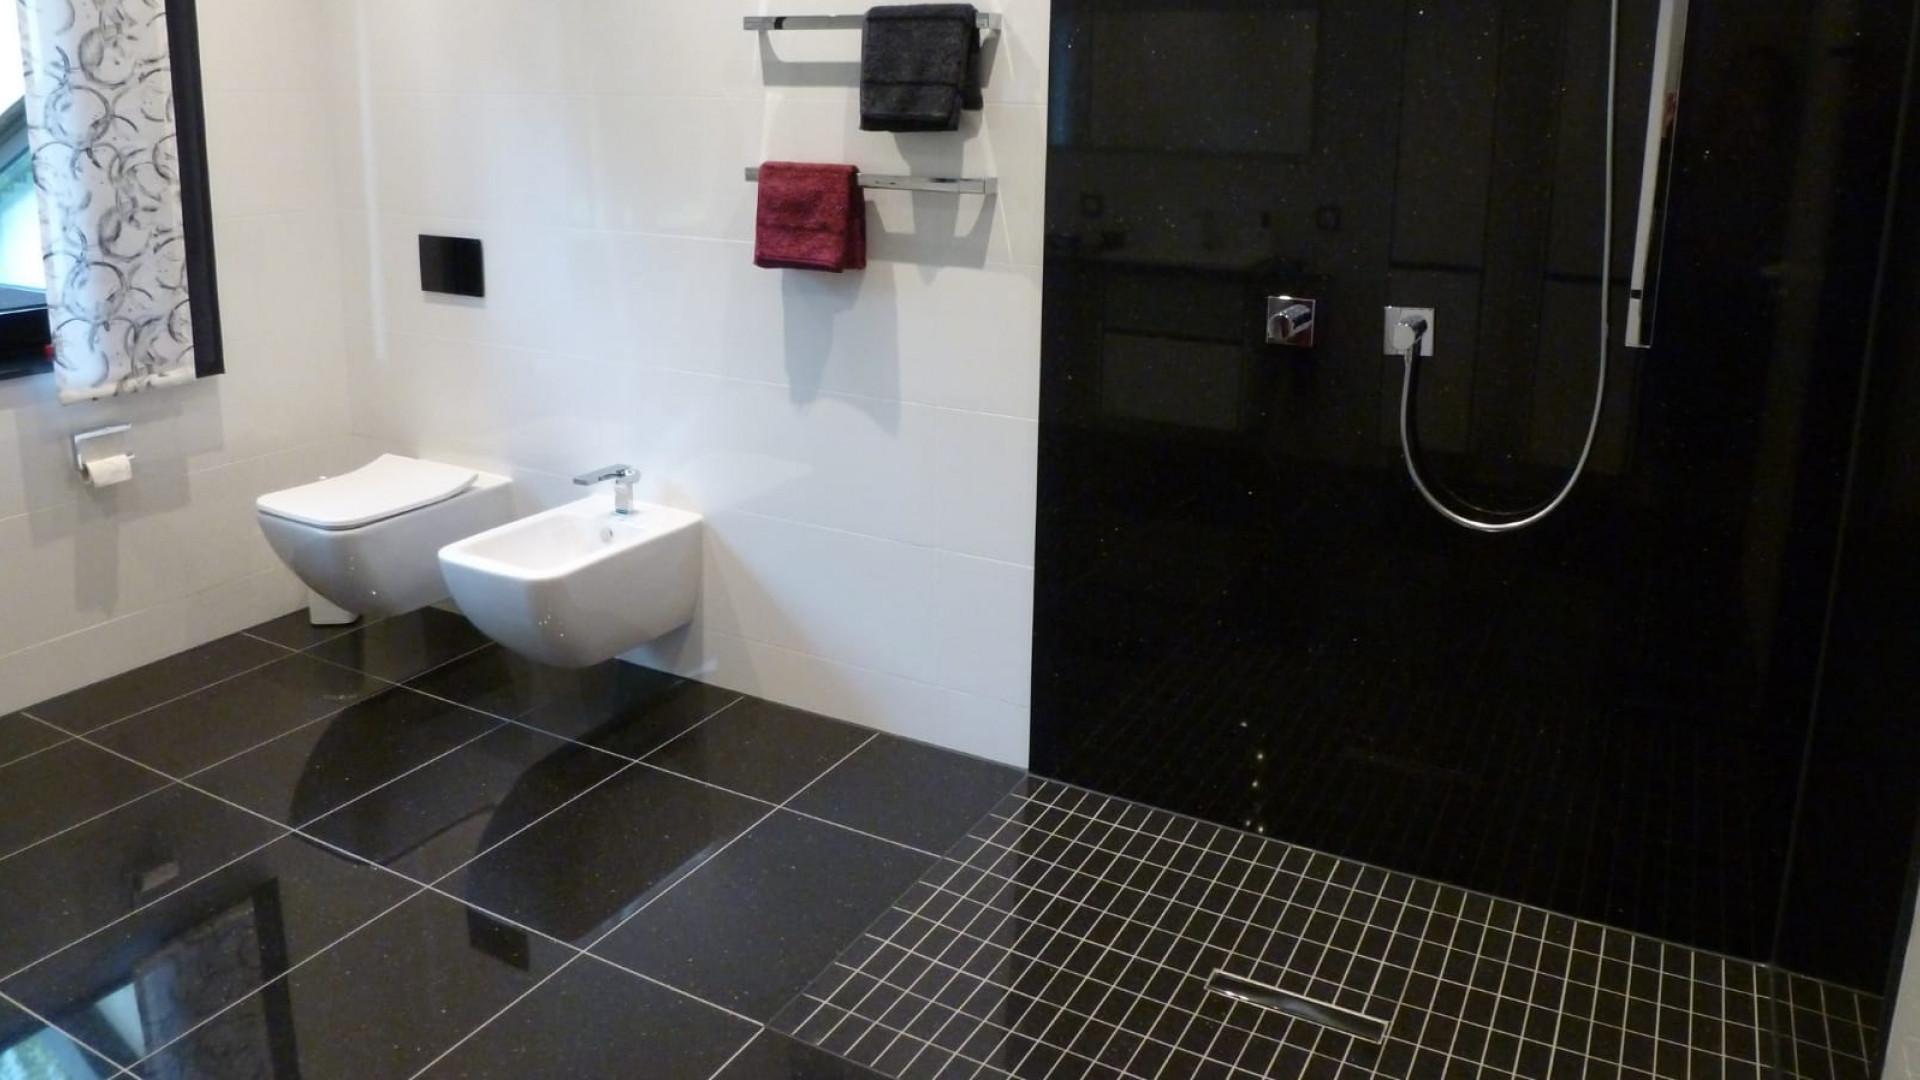 Minimalistisches Badezimmer mit kontrastreichen großformatigen Fliesen